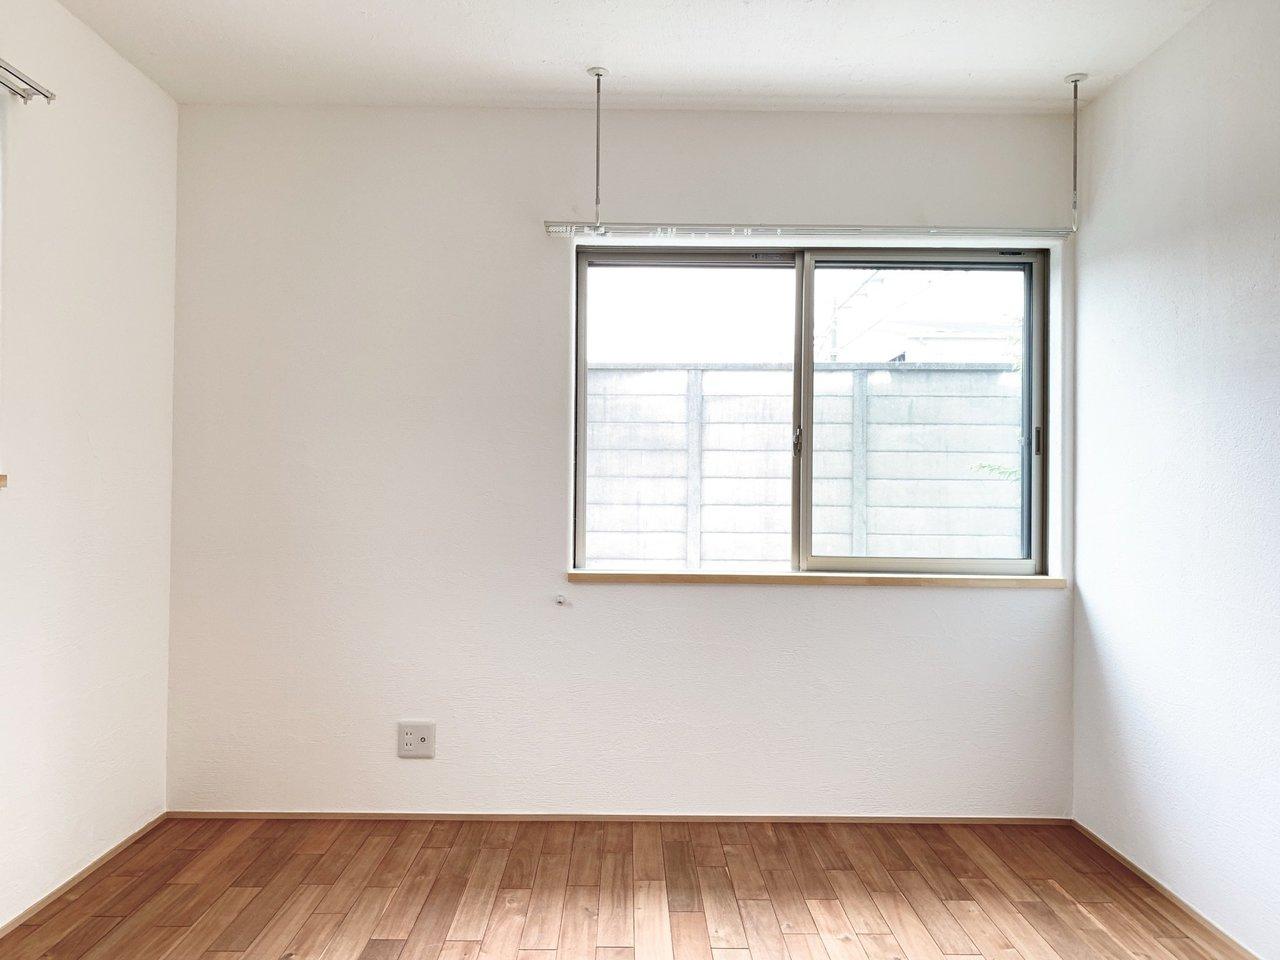 もう一つの部屋も6畳あるので、ダブルベッドも置けそうです。木の香りがたっぷりします……!